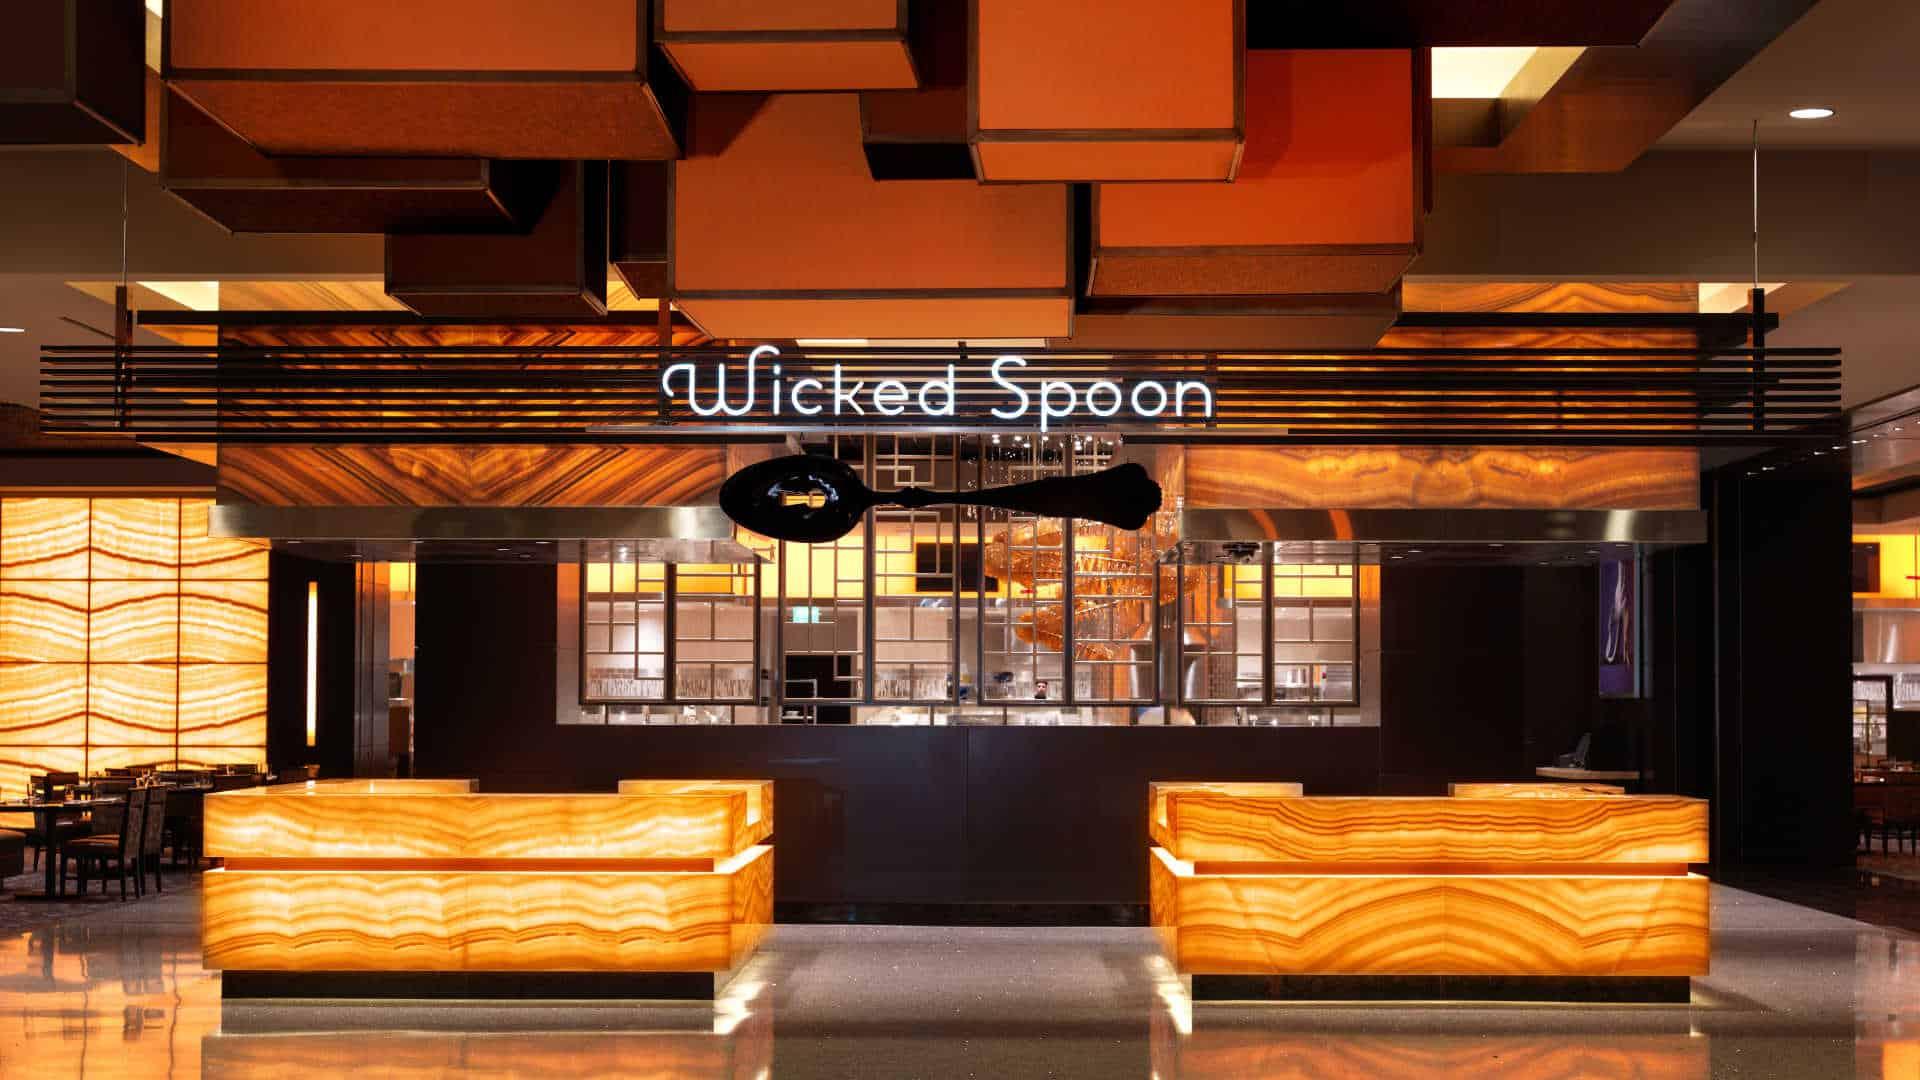 wicked-spoon-buffet